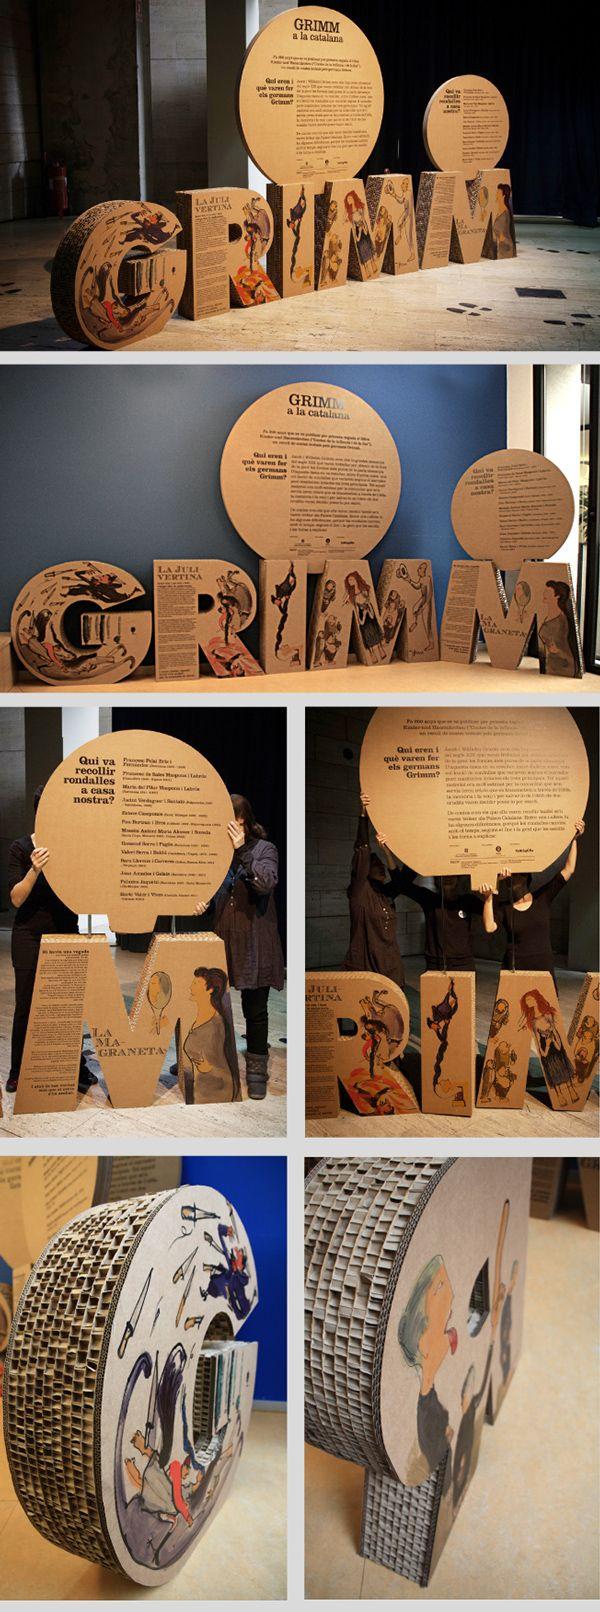 Grimm a la catalana projecte expositiu for Raumgestaltung literatur